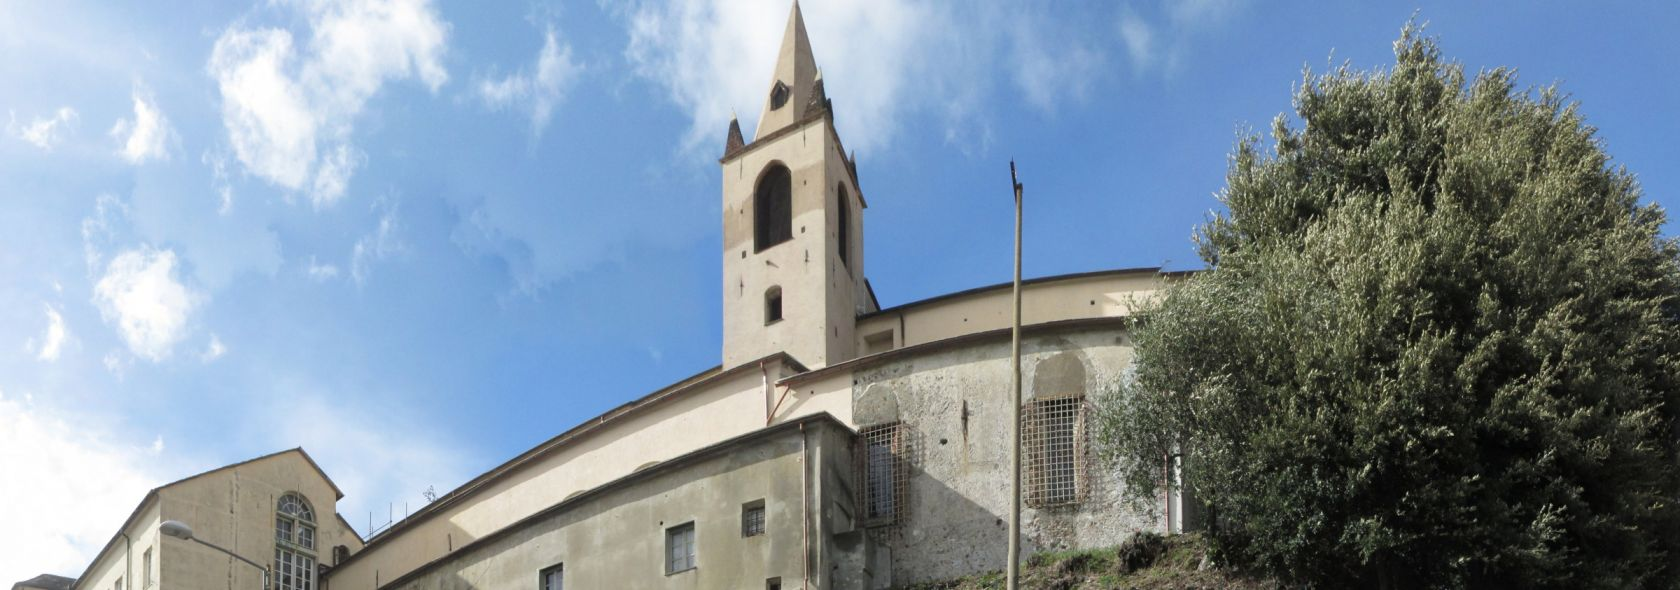 Genova, Abbazia del Boschetto - esterno